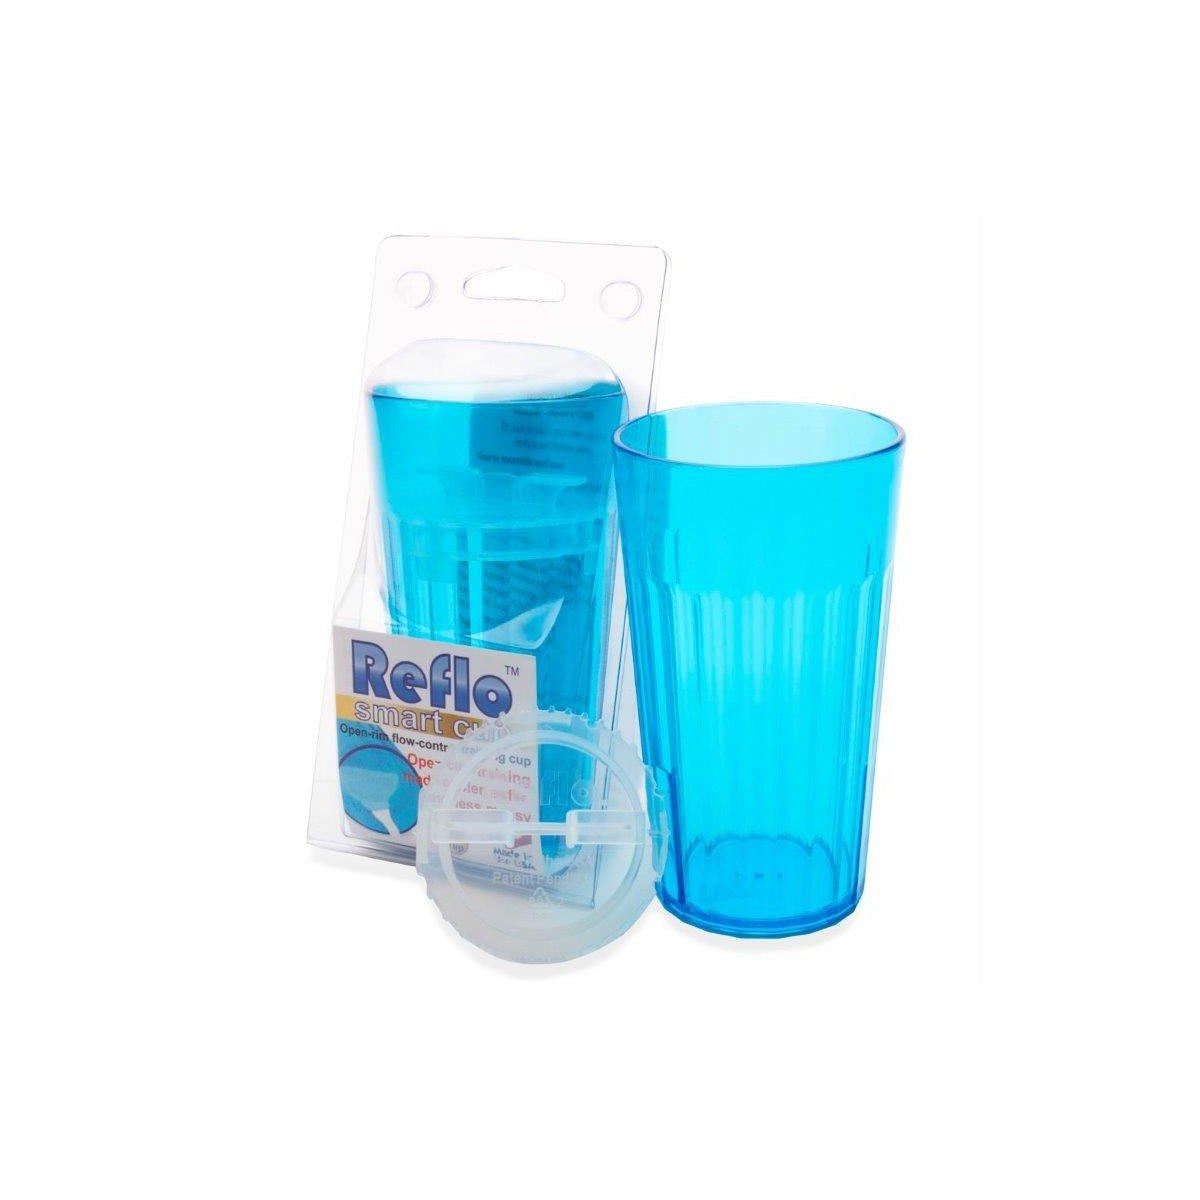 REFLO - Vaso de aprendizaje azul Reflo - RFL-001